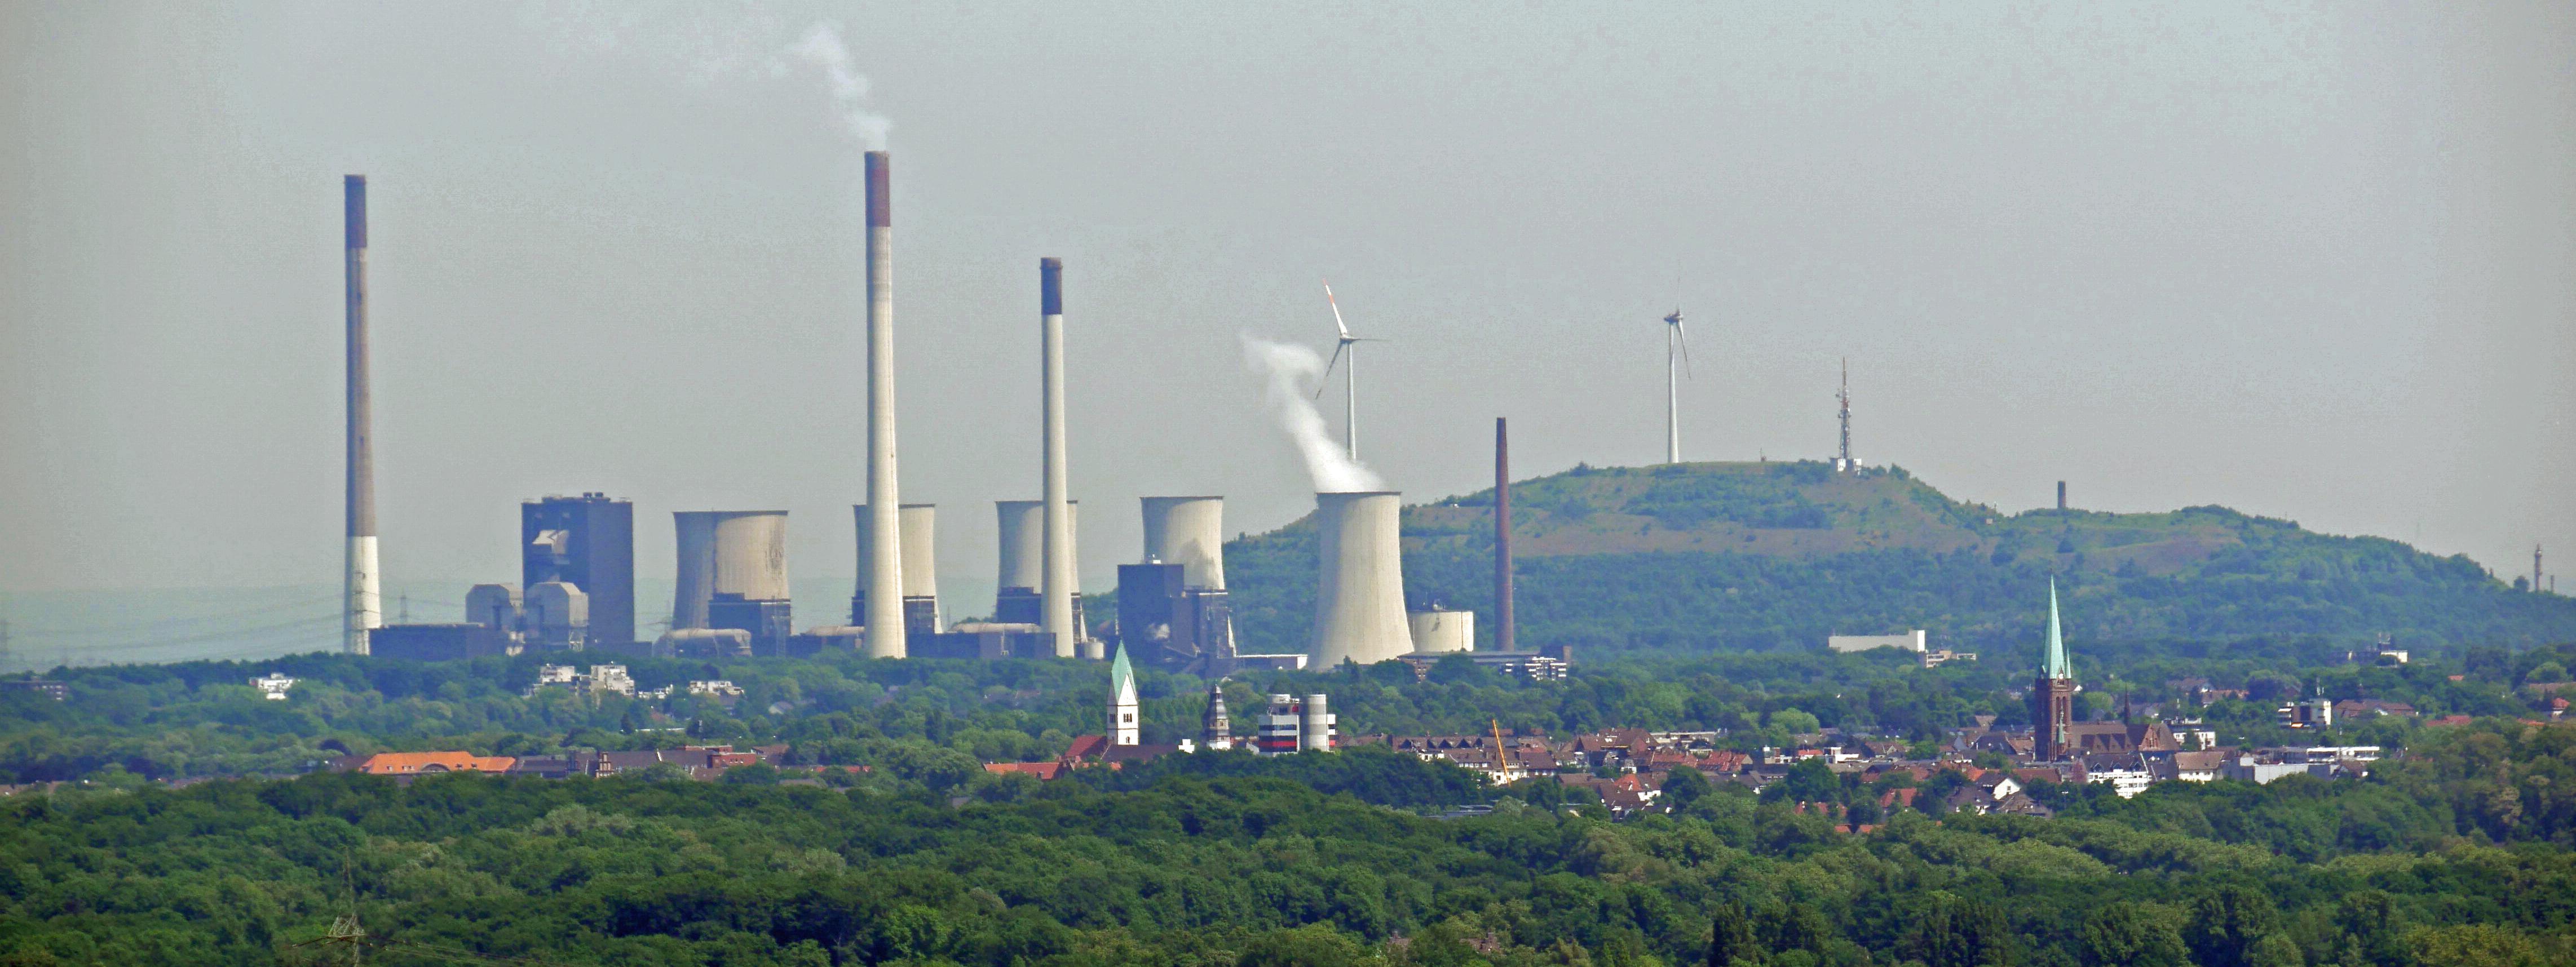 Ruhrgebietslandschaft - Blick vom Gasometer Oberhausen. Foto: Uwe Roth